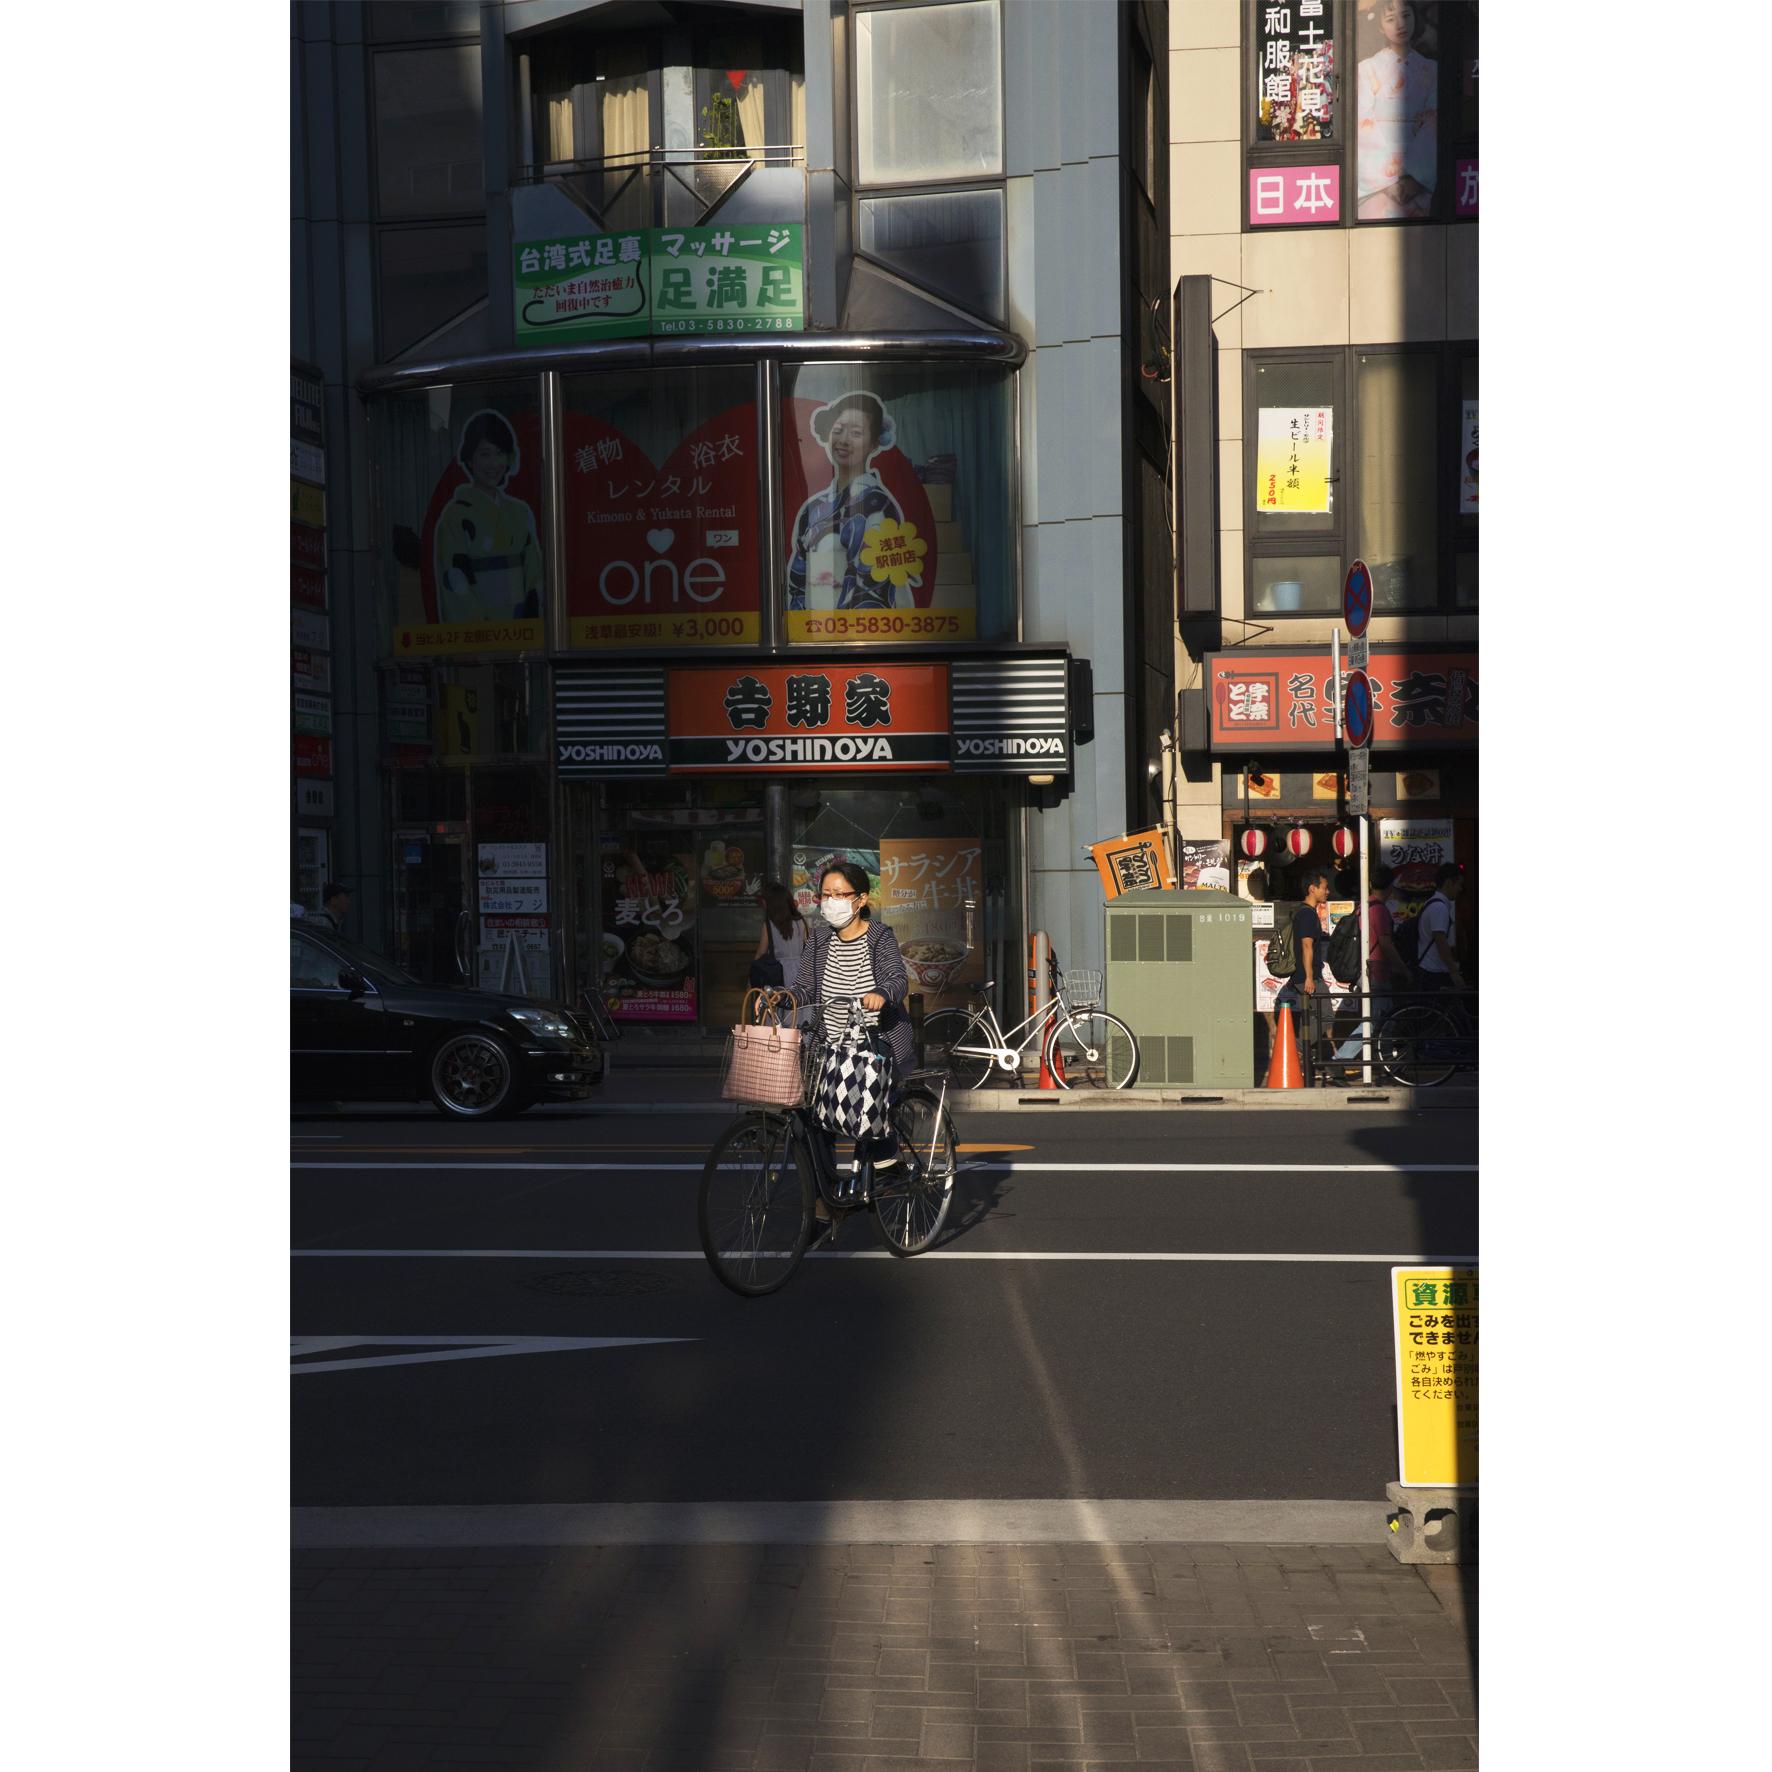 Solitude_0004_Luminosité_Contraste 2